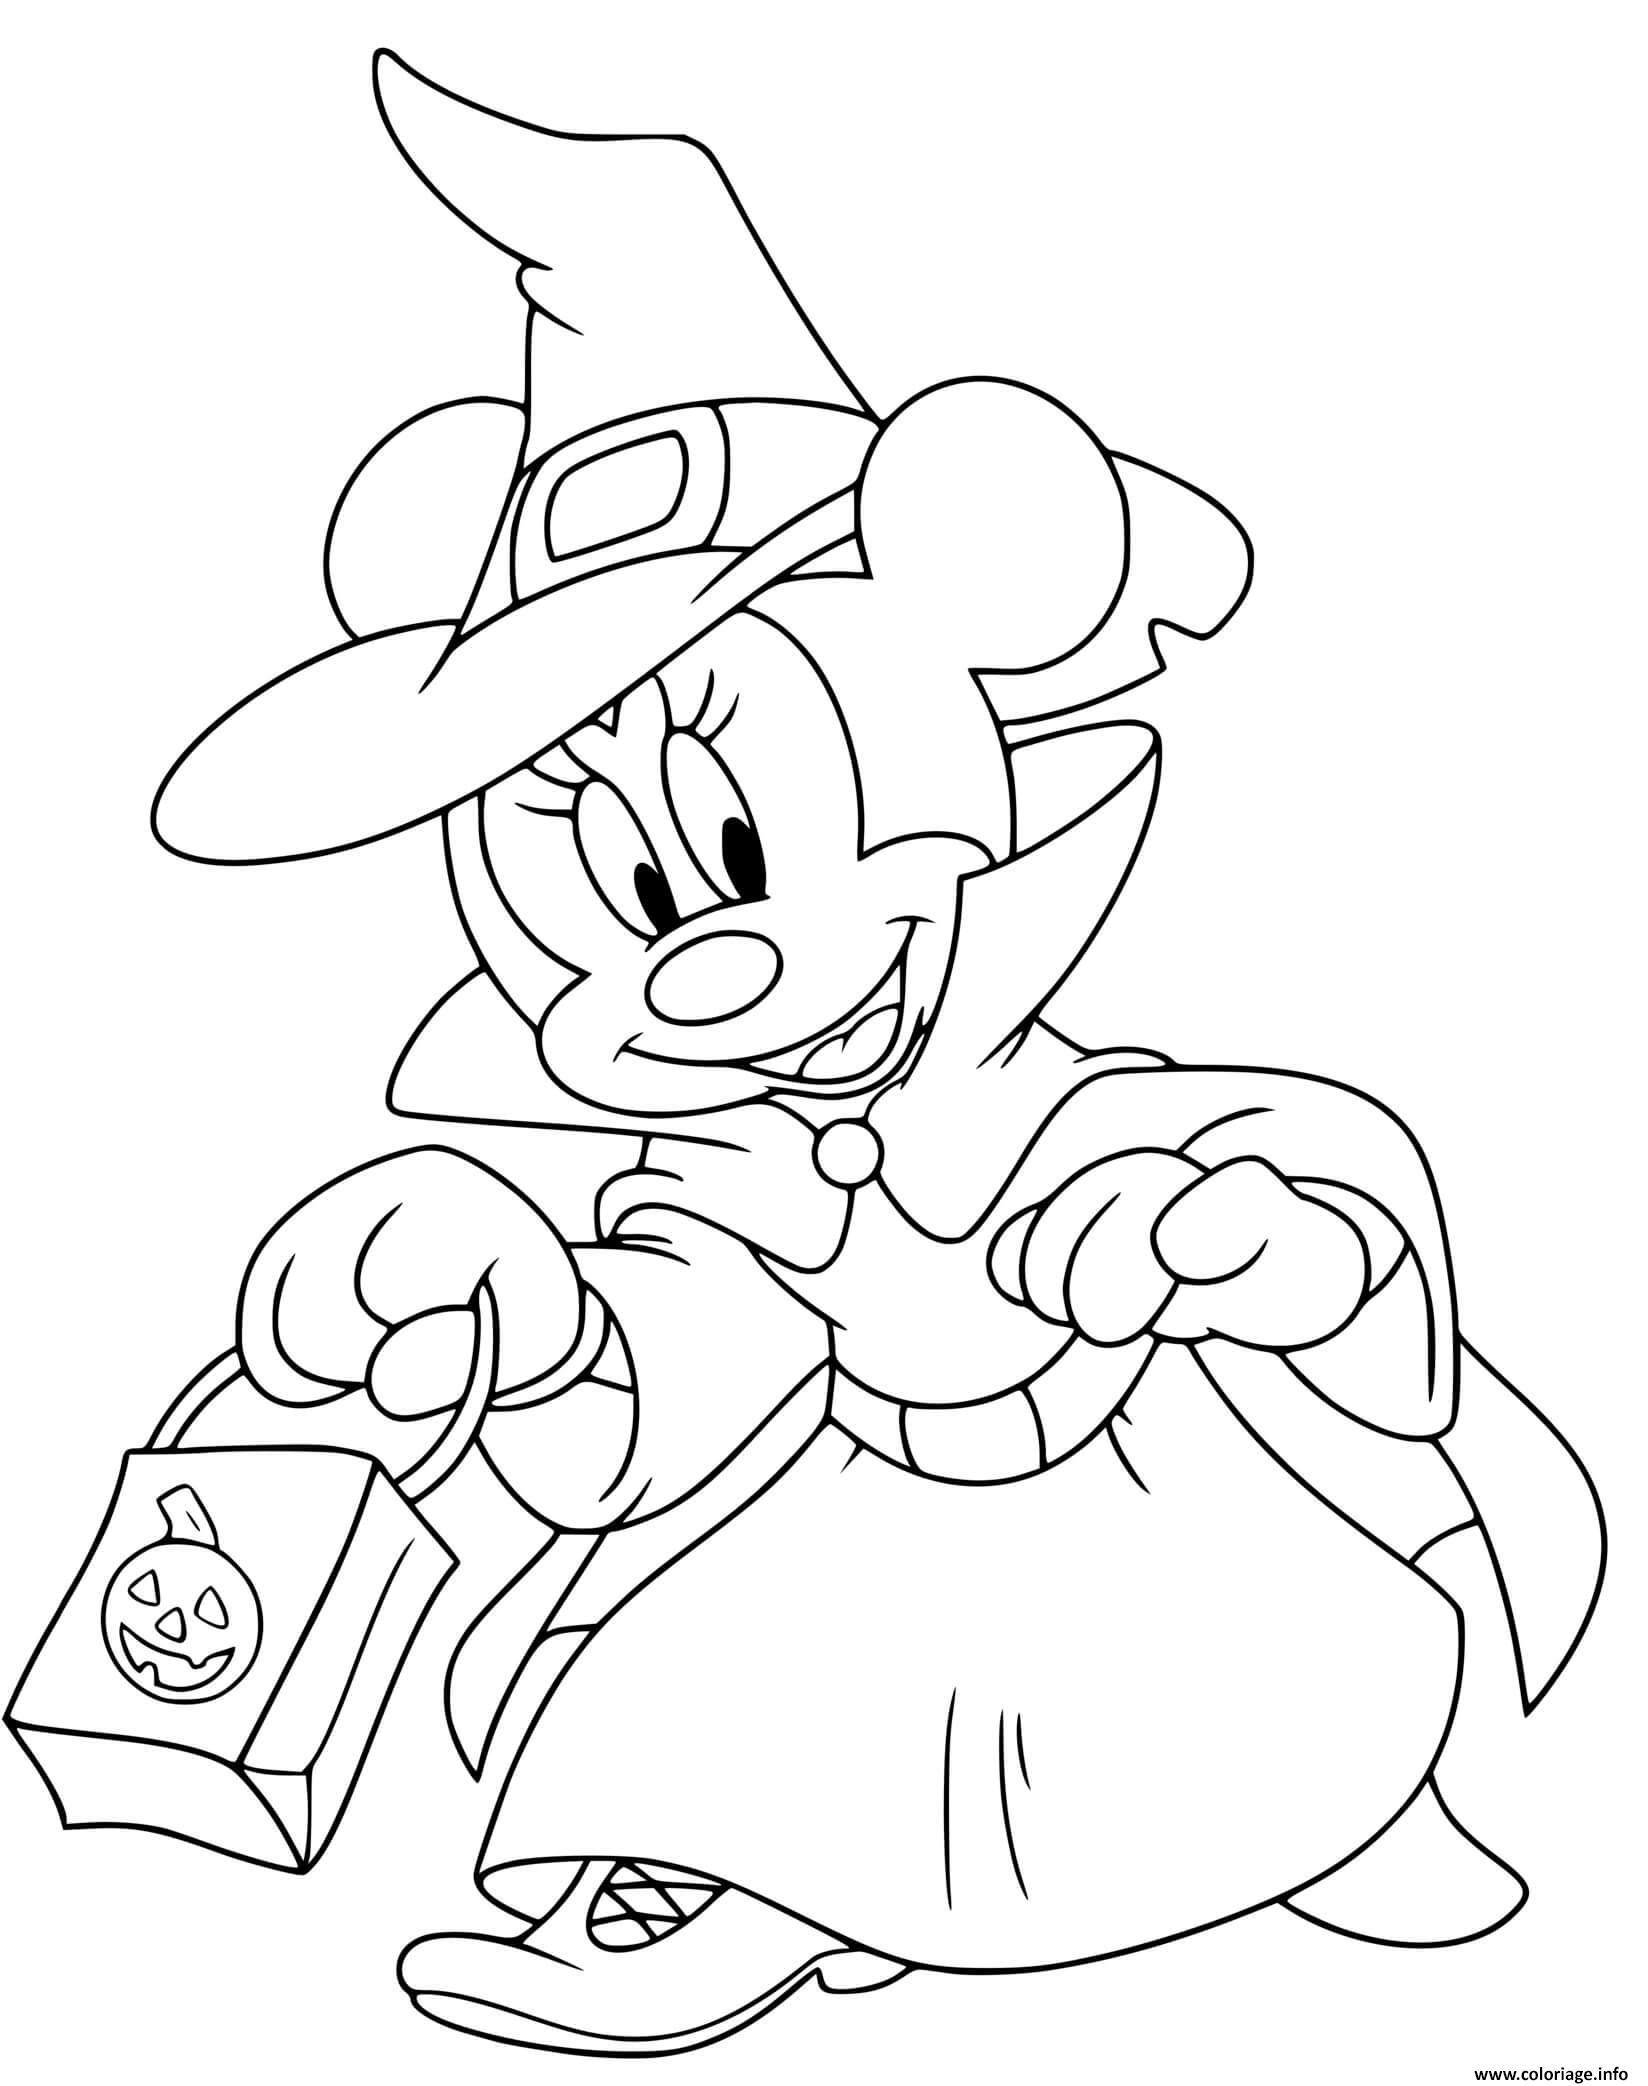 Dessin minnie mouse sorciere avec sac de friandises Coloriage Gratuit à Imprimer